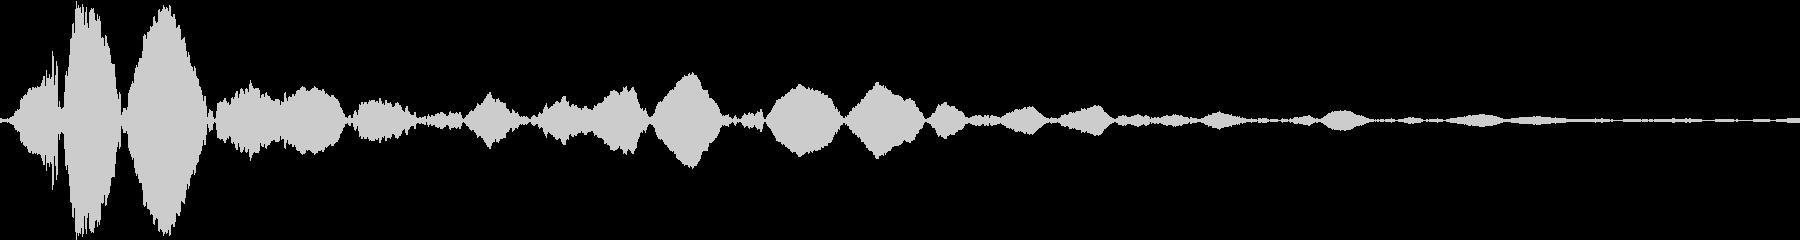 ヒットヒットインパクト16の未再生の波形